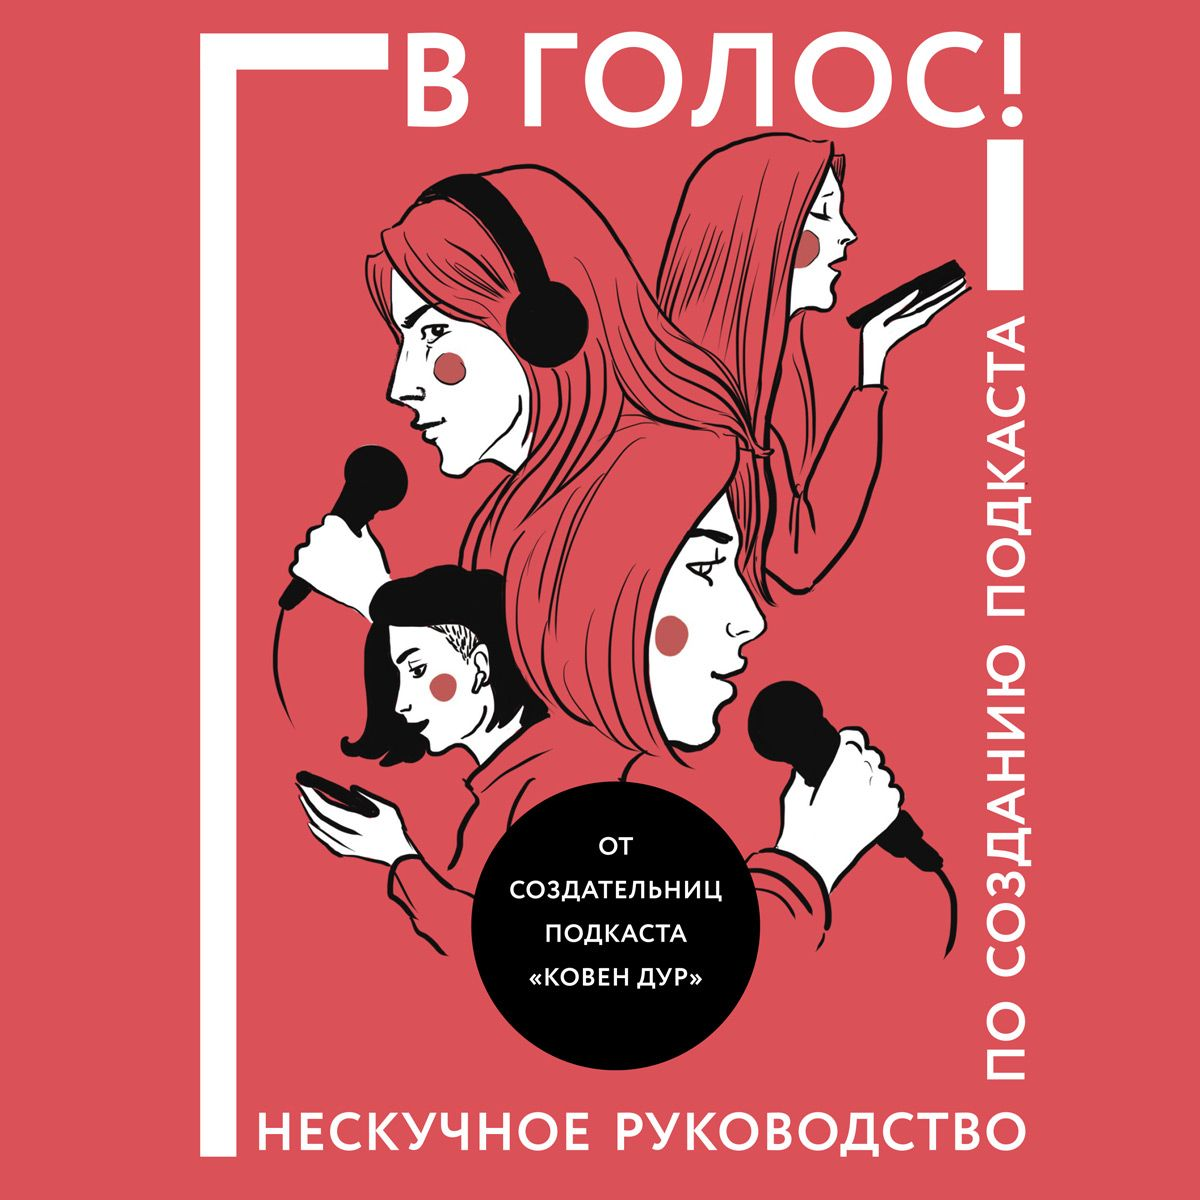 Купить книгу В голос! Нескучное руководство по созданию подкаста, автора Ольги Птицевой